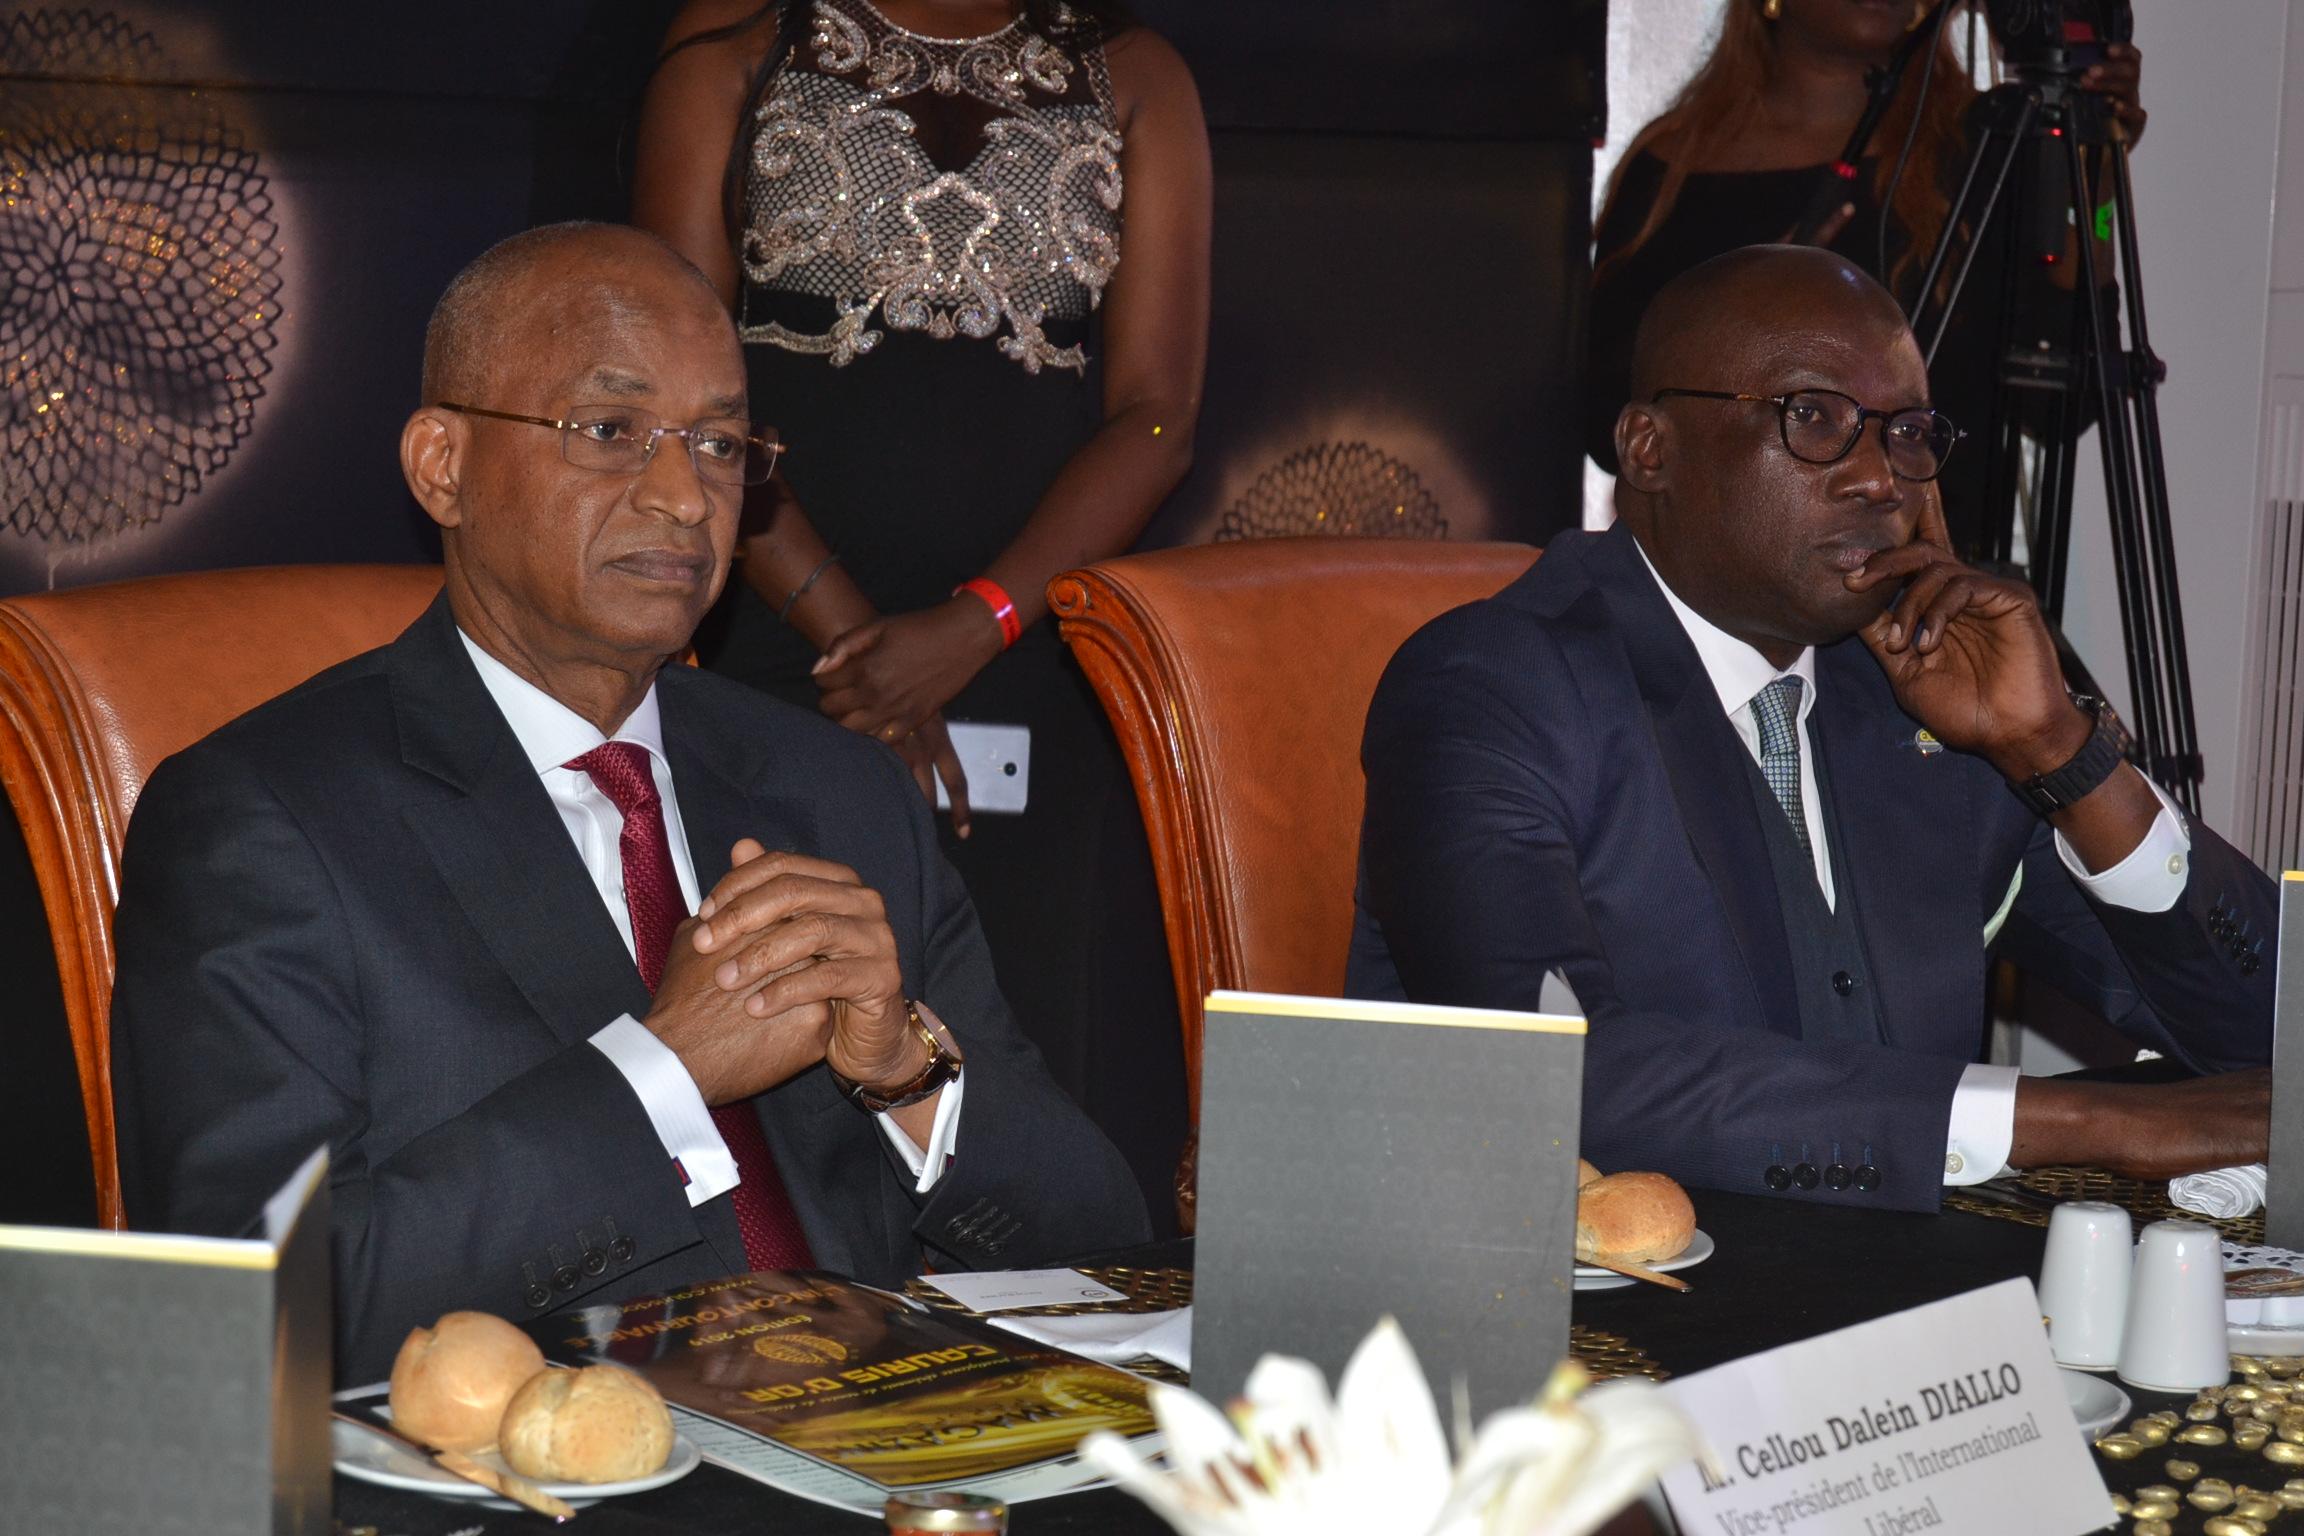 CAURIS D'OR 2019,  200 IMAGES: L'intégralité des images de la plus prestigieuse cérémonie de remise de distinctions en Afrique de l'Ouest.